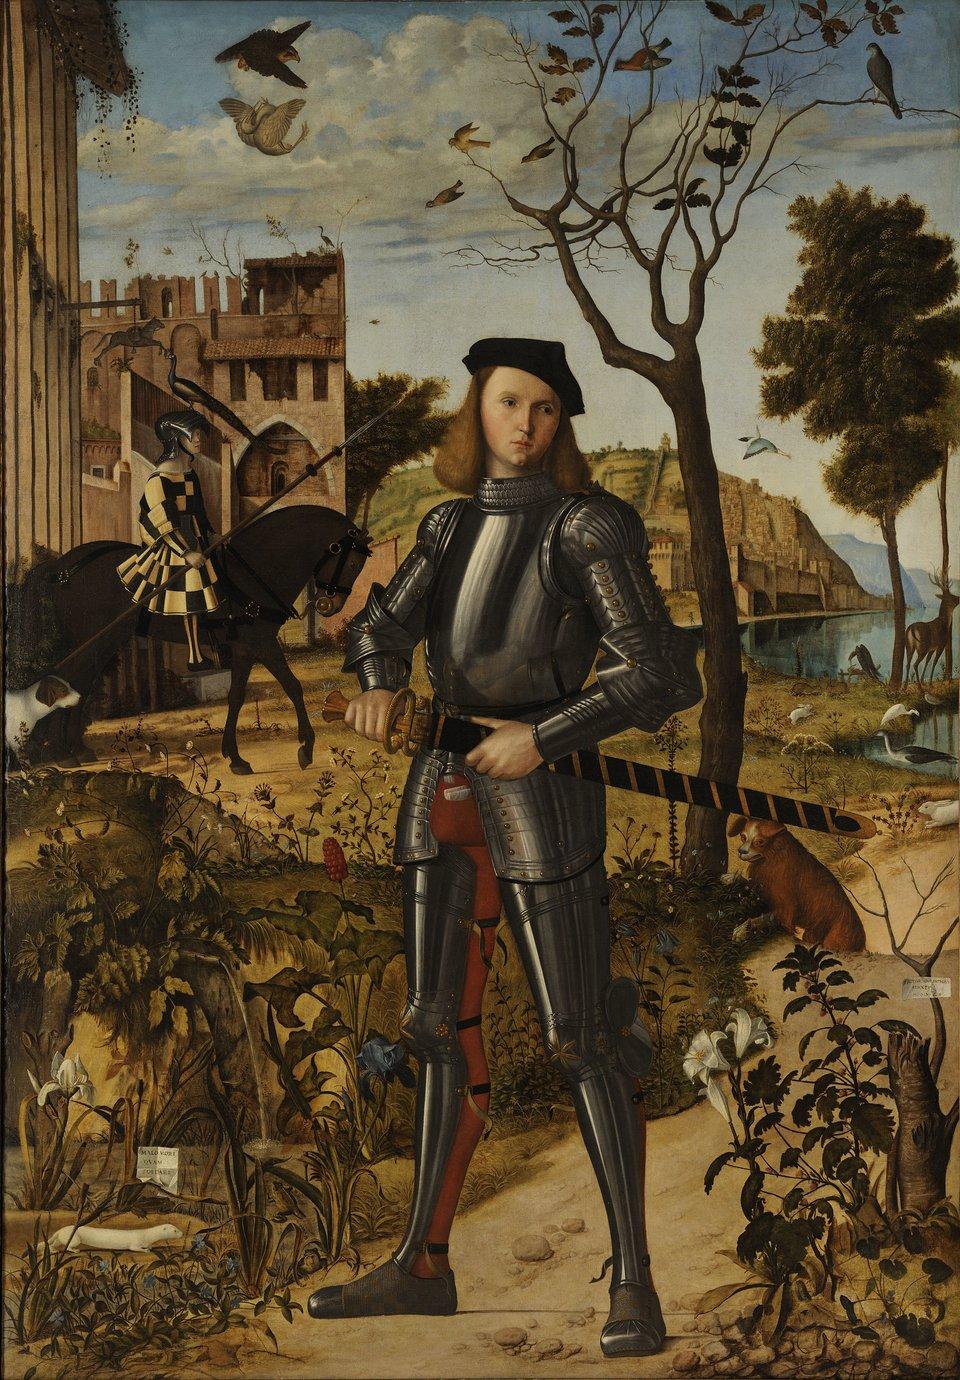 Młody rycerz na tle pejzażu Źródło: Vittore Carpaccio, Młody rycerz na tle pejzażu, 1510, olej na płótnie, Muzeum Thyssen-Bornemisza, domena publiczna.